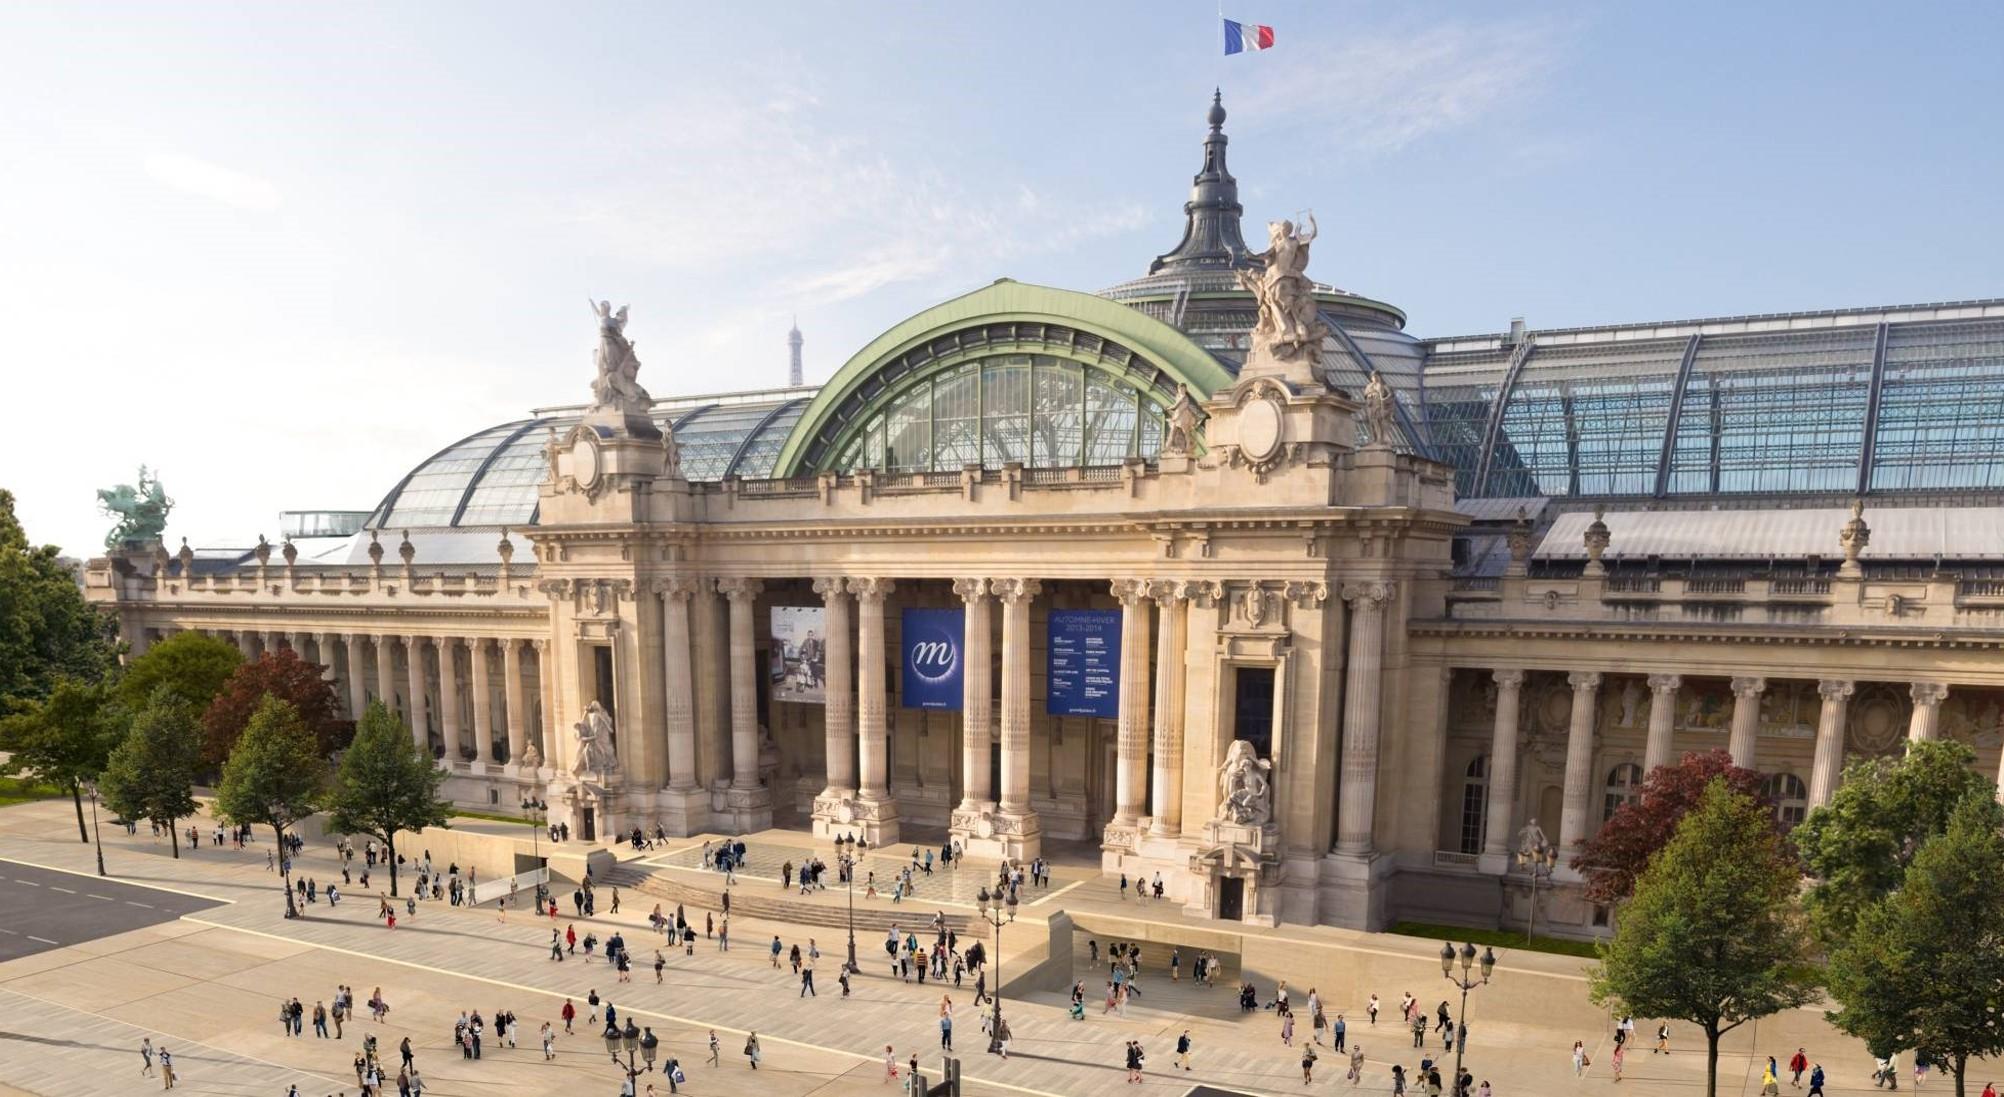 Hotel apollon montparnasse international art fair 2017 hotel apollon montparnasse - Expo le grand palais ...